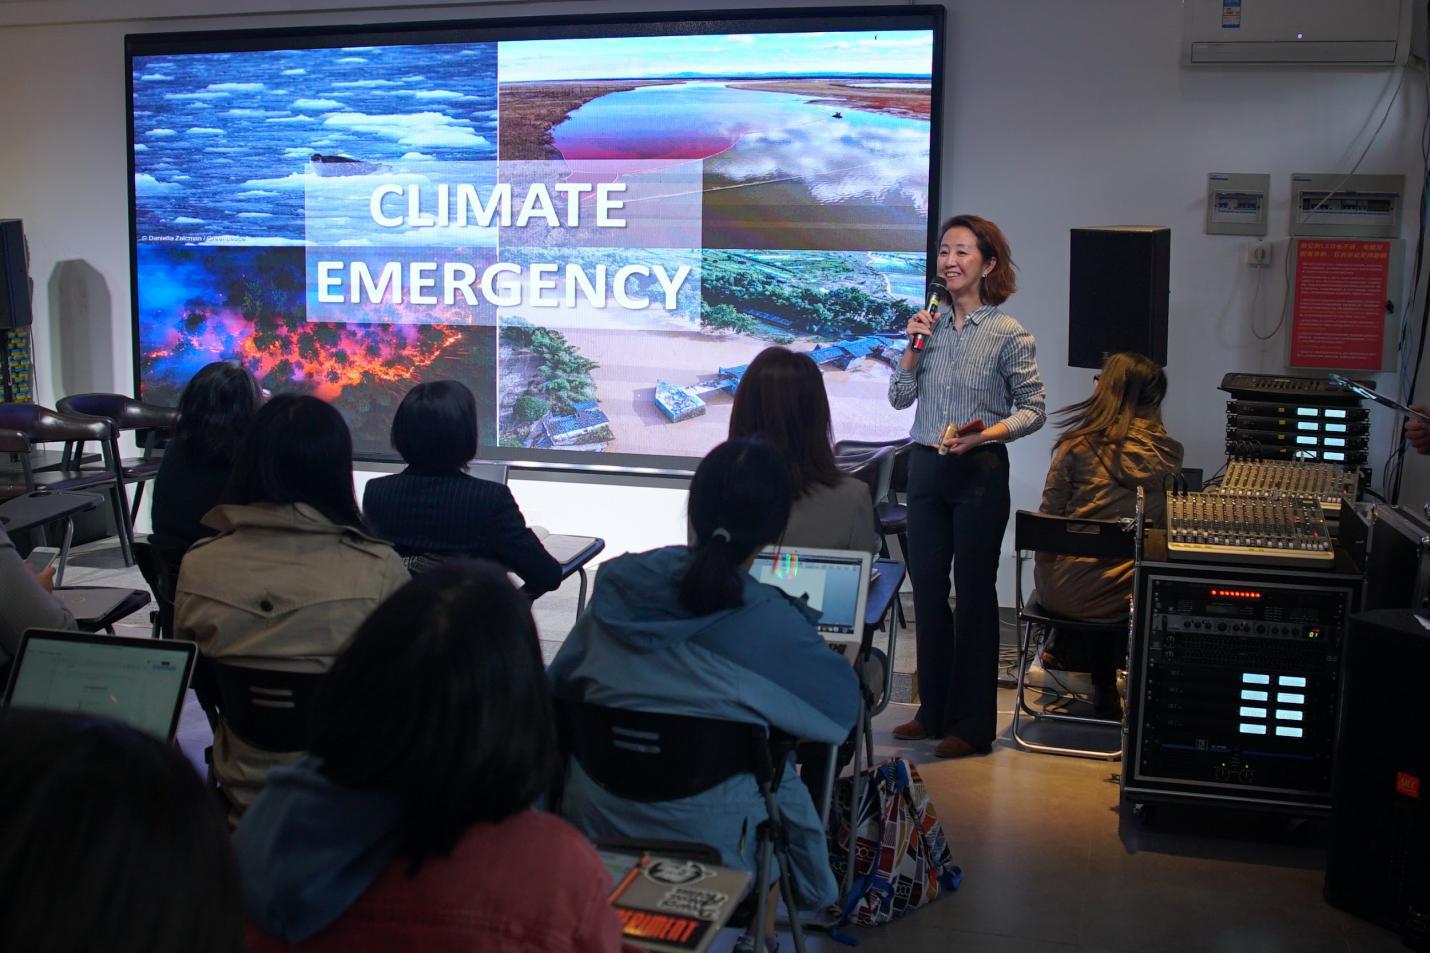 打开极端天气事件的黑匣子:讲述气候危机的新范式